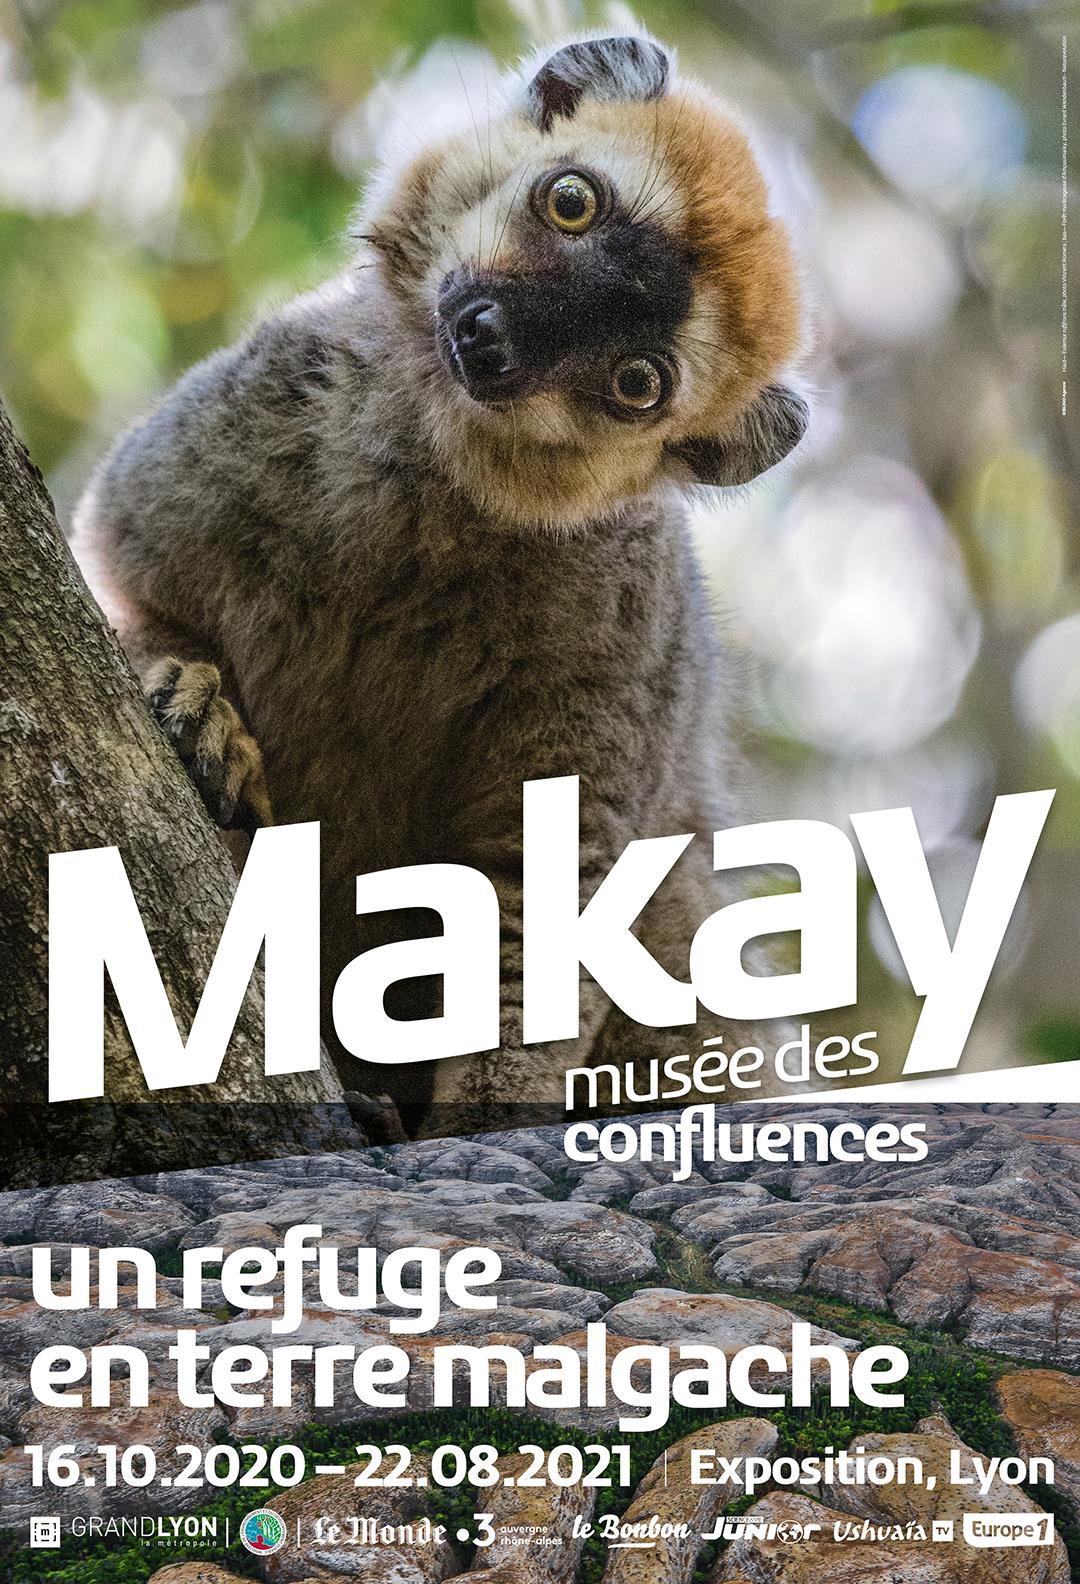 Affiche de l'exposition «Makay, un refuge en terre malgache» au musée des Confluences, à Lyon (France), jusqu'au 22 août 2021.